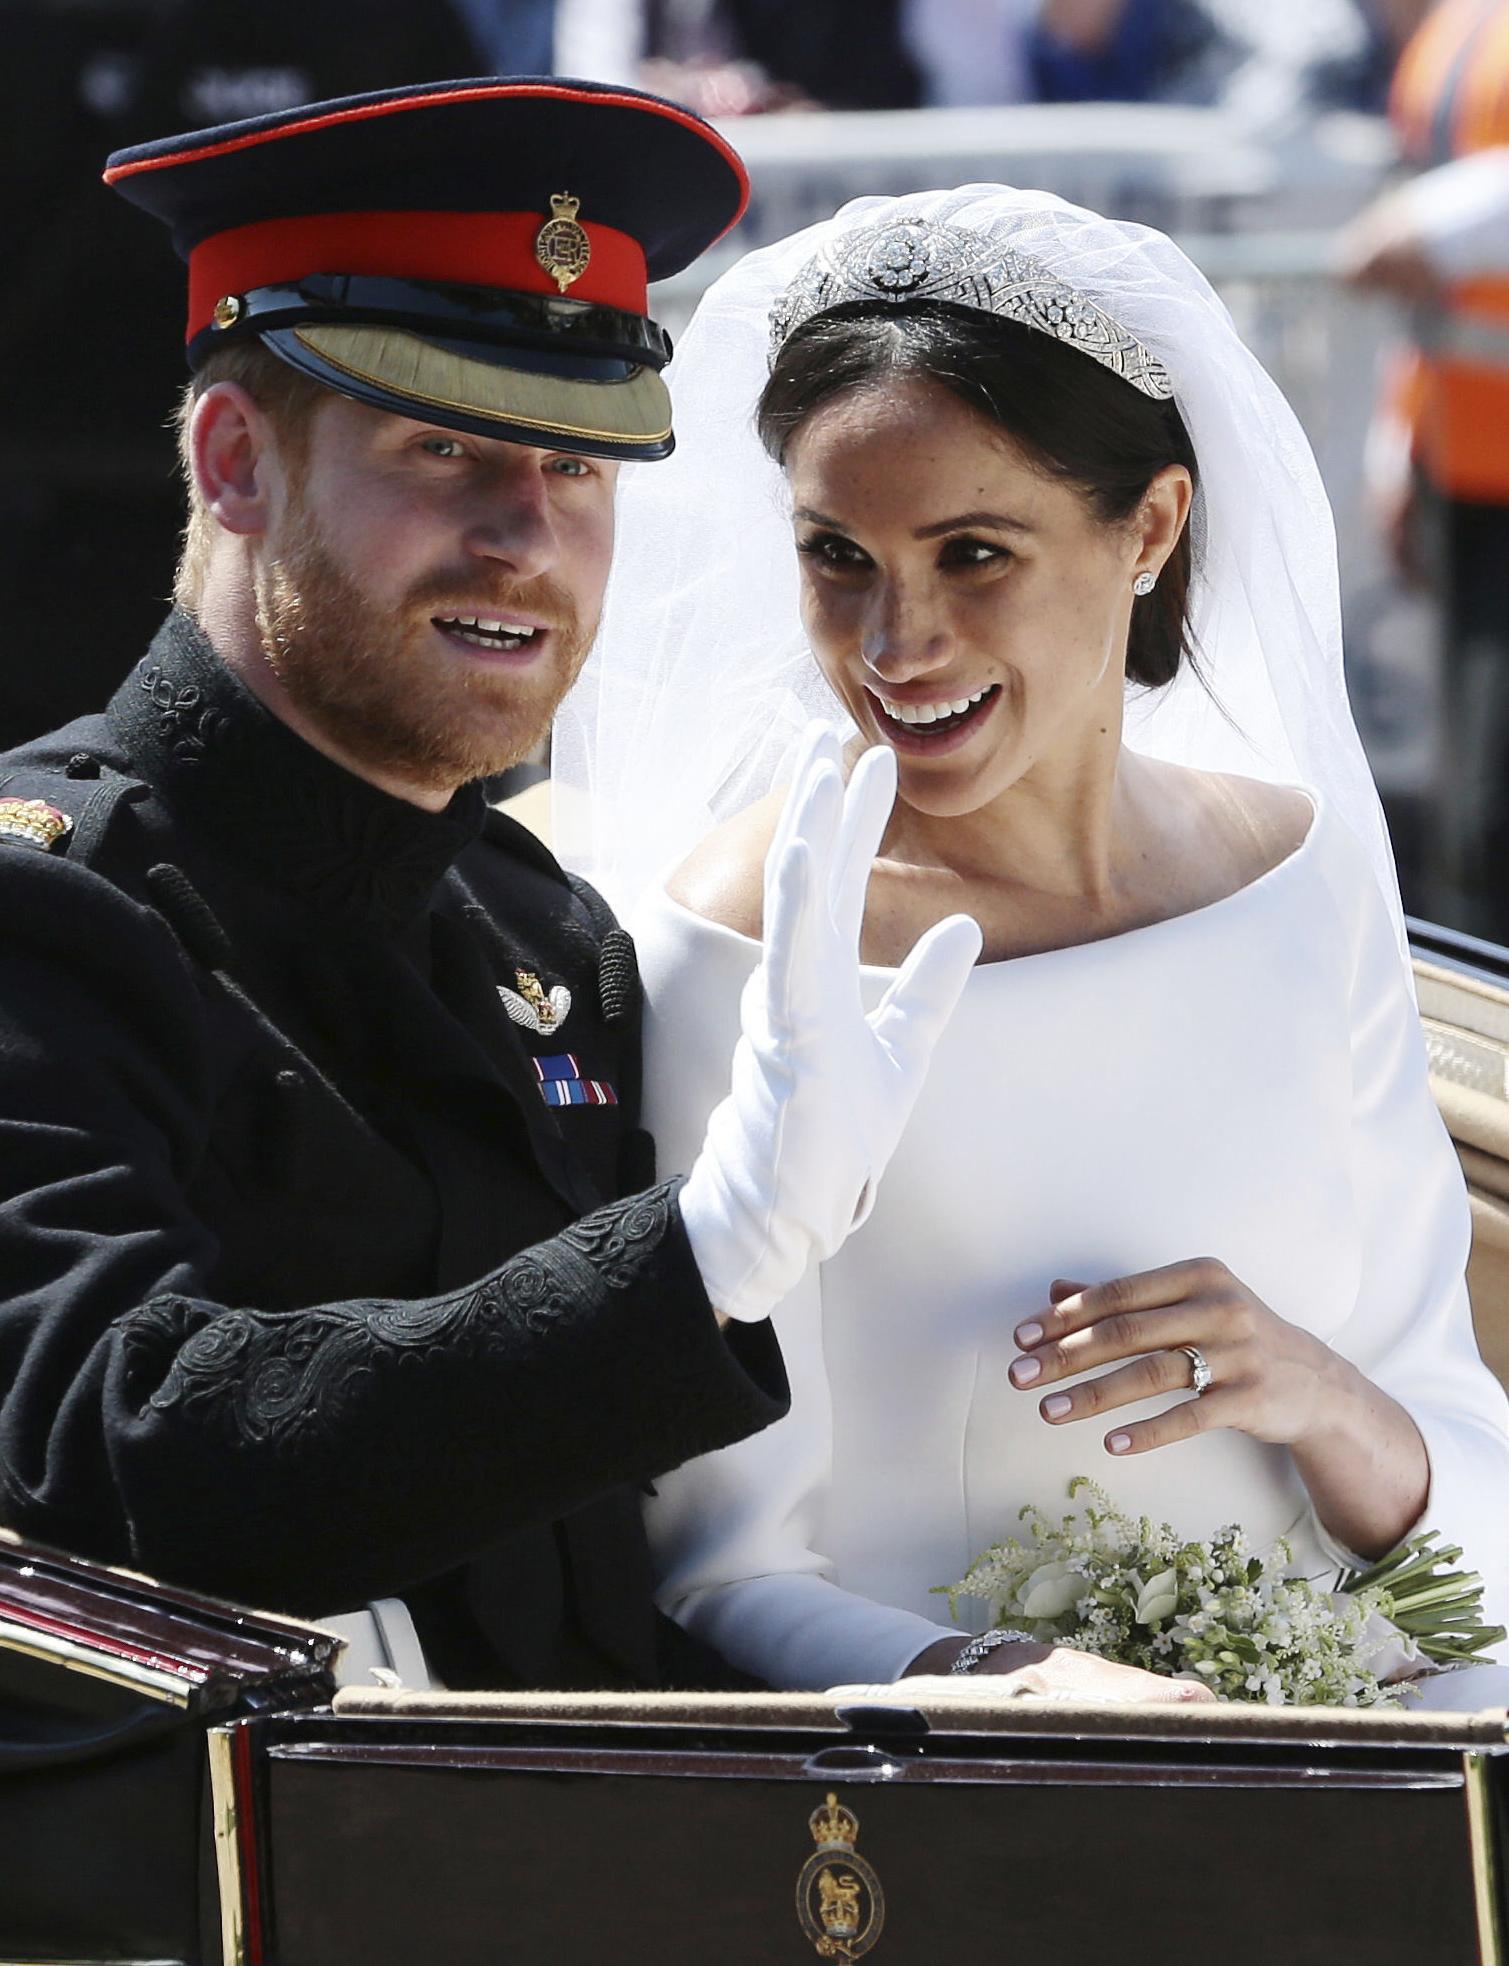 """Meghan y Harry contrajeron nupcias el 19 de mayo de 2019 en un evento que acaparó la atención de millones de personas alrededor del mundo. La ceremonia se llevó a cabo en la Capilla Saint George ante cientos de """"royals"""" y celebridades. (Archivo)"""